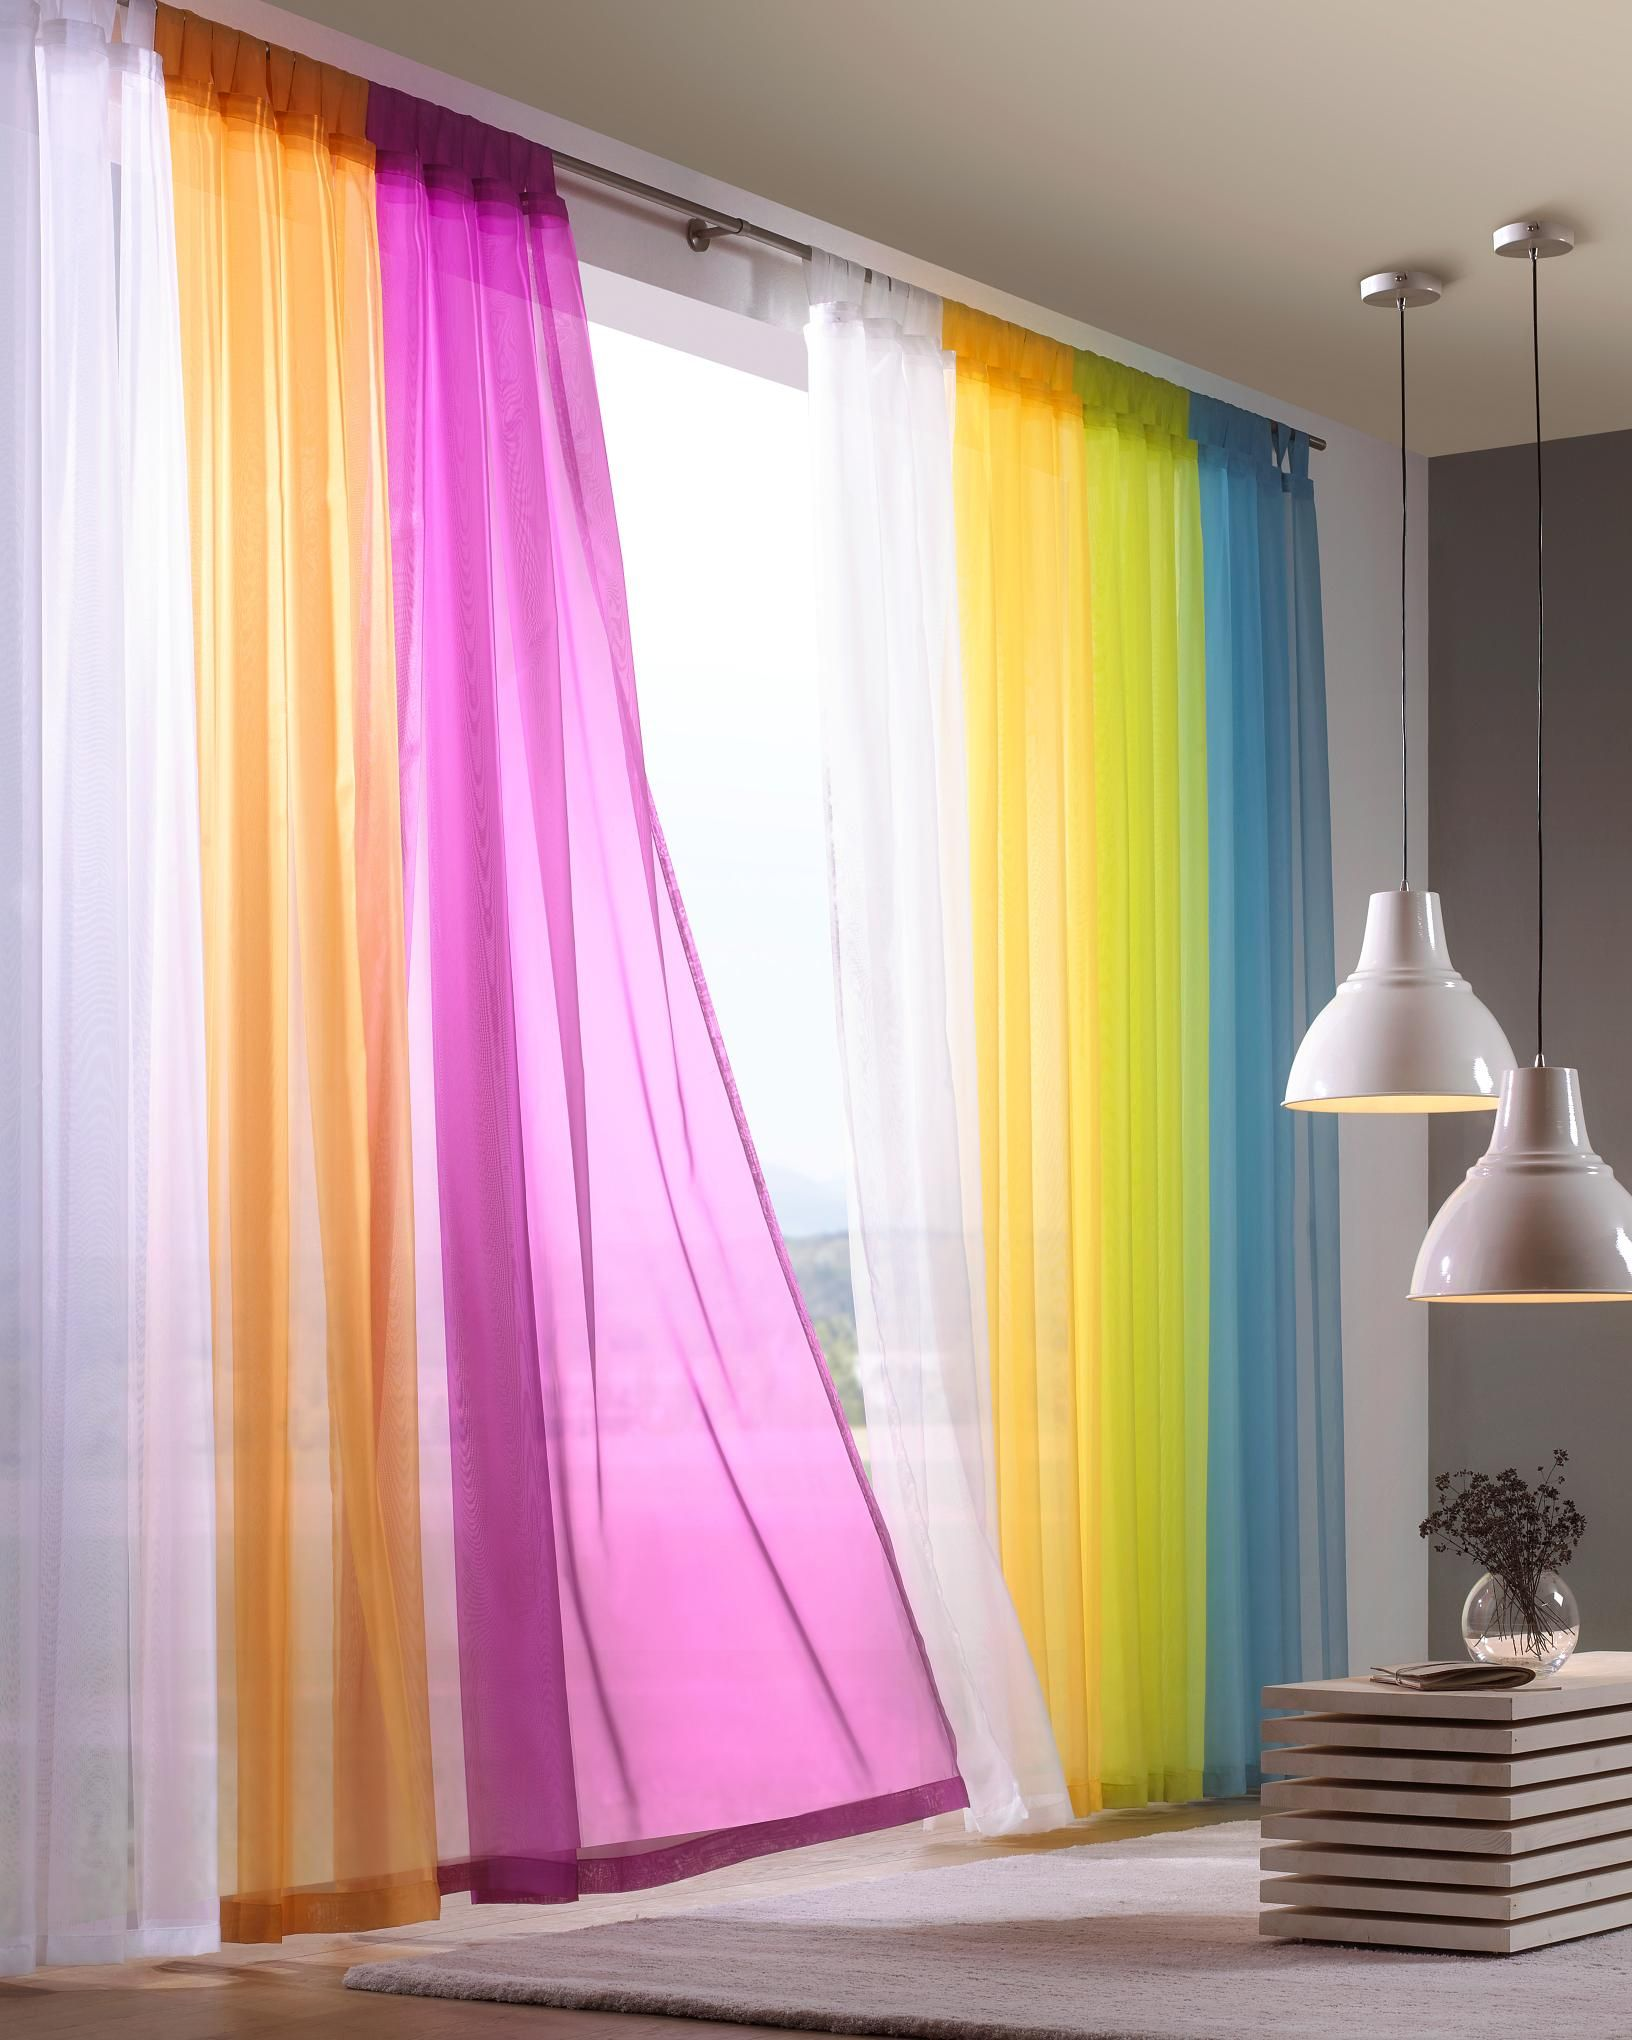 Schlaufenvorhang Transparent Online Kaufen Xxxlutz Wohnzimmer Dekor Modern Wohnzimmer Bunt Vorhange